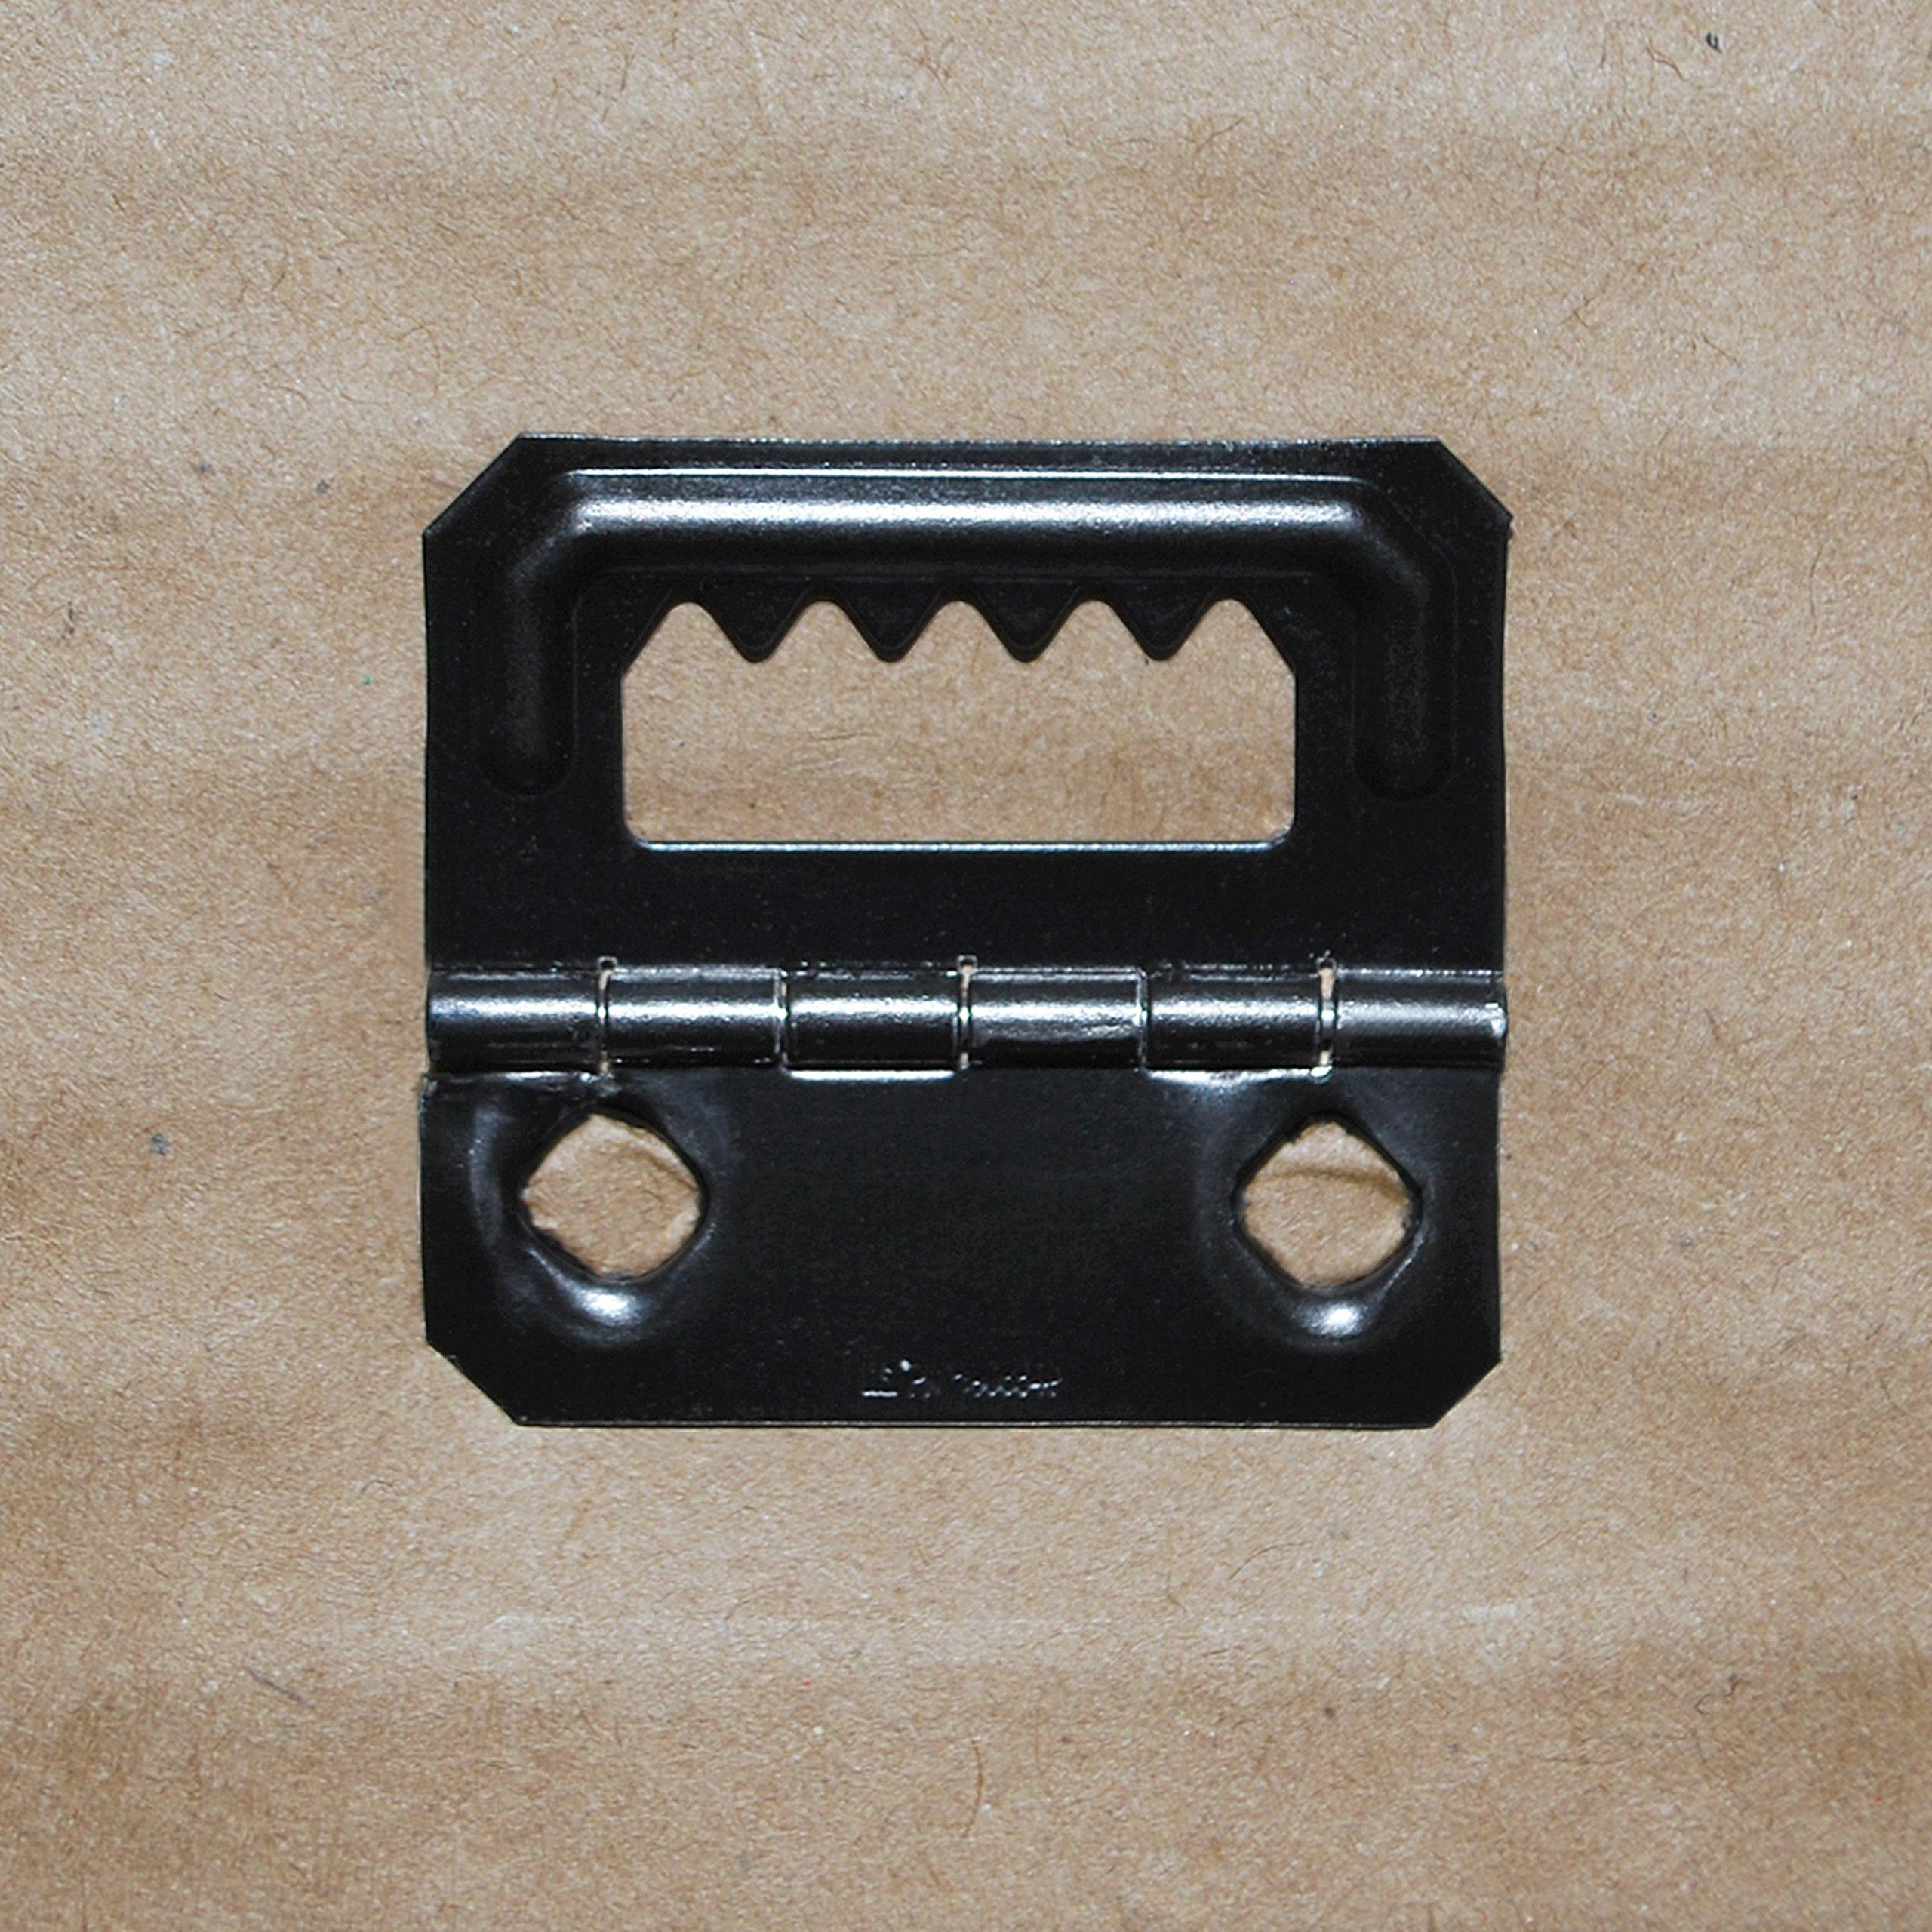 MCS Trendsetter 16x20 Inch Poster Frame (2pk), Black (65682) by MCS (Image #4)